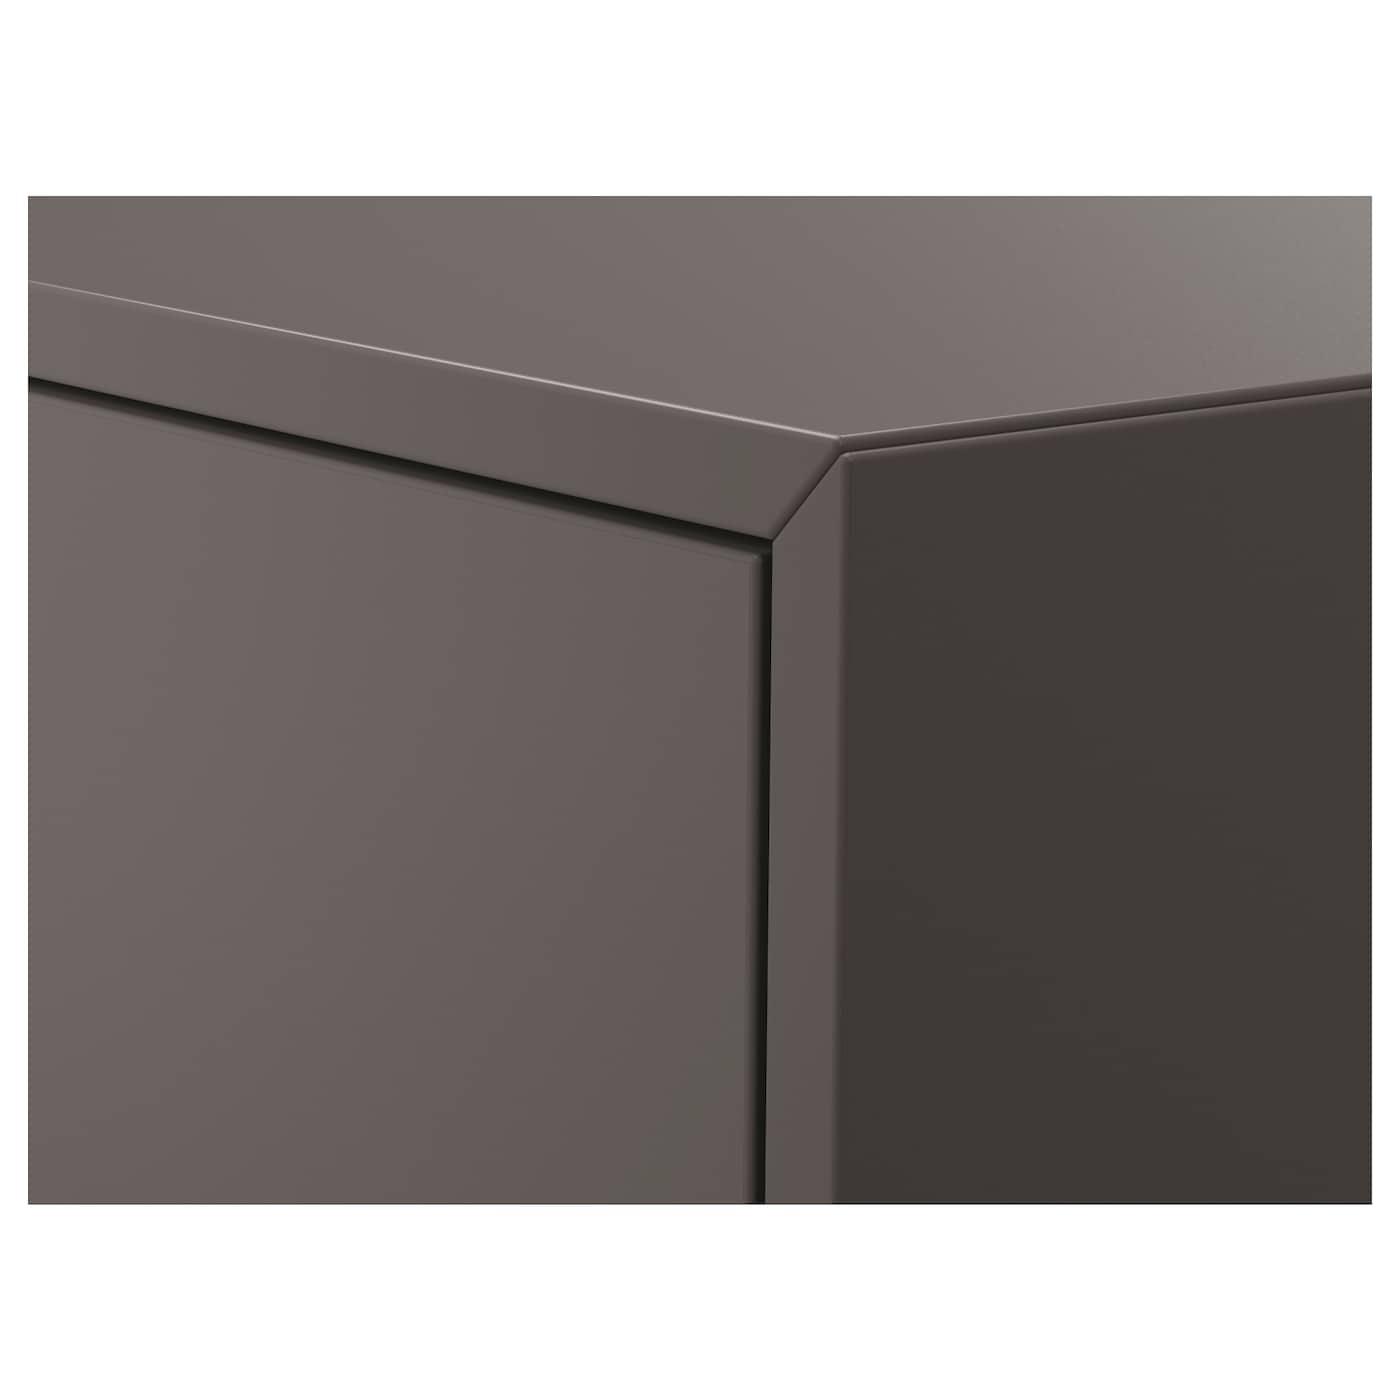 EKET skåp med dörr och 1 hylla mörkgrå 35 cm 35 cm 70 cm 7 kg